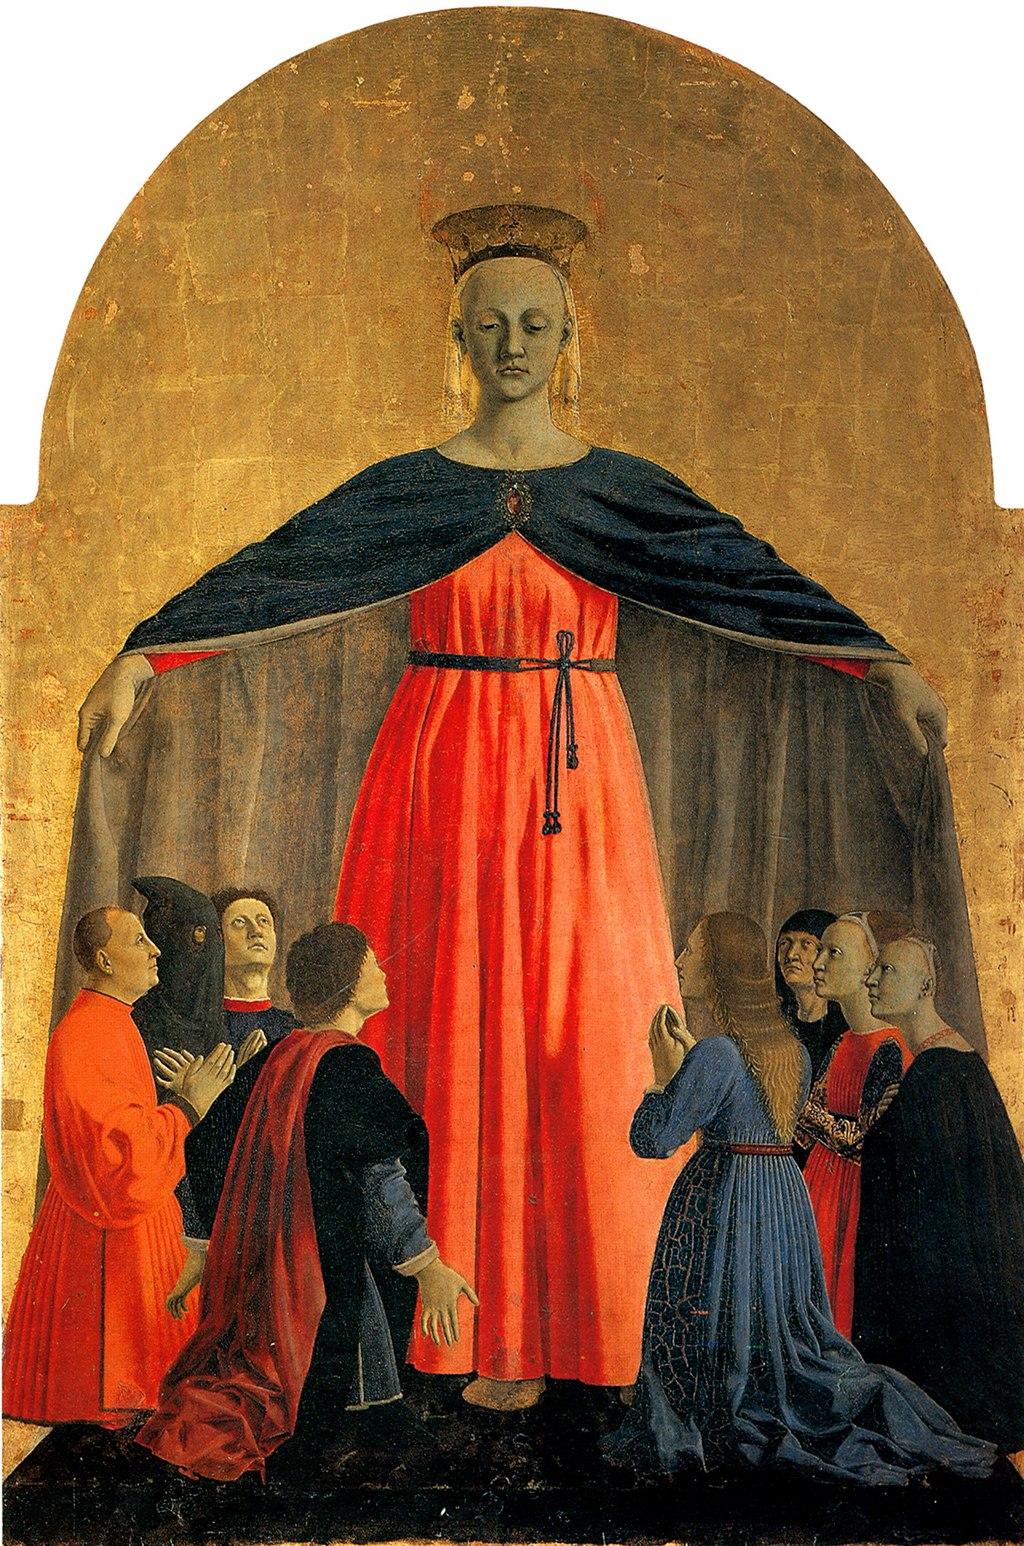 Piero, Pala della misericordia, madonna della misericordia